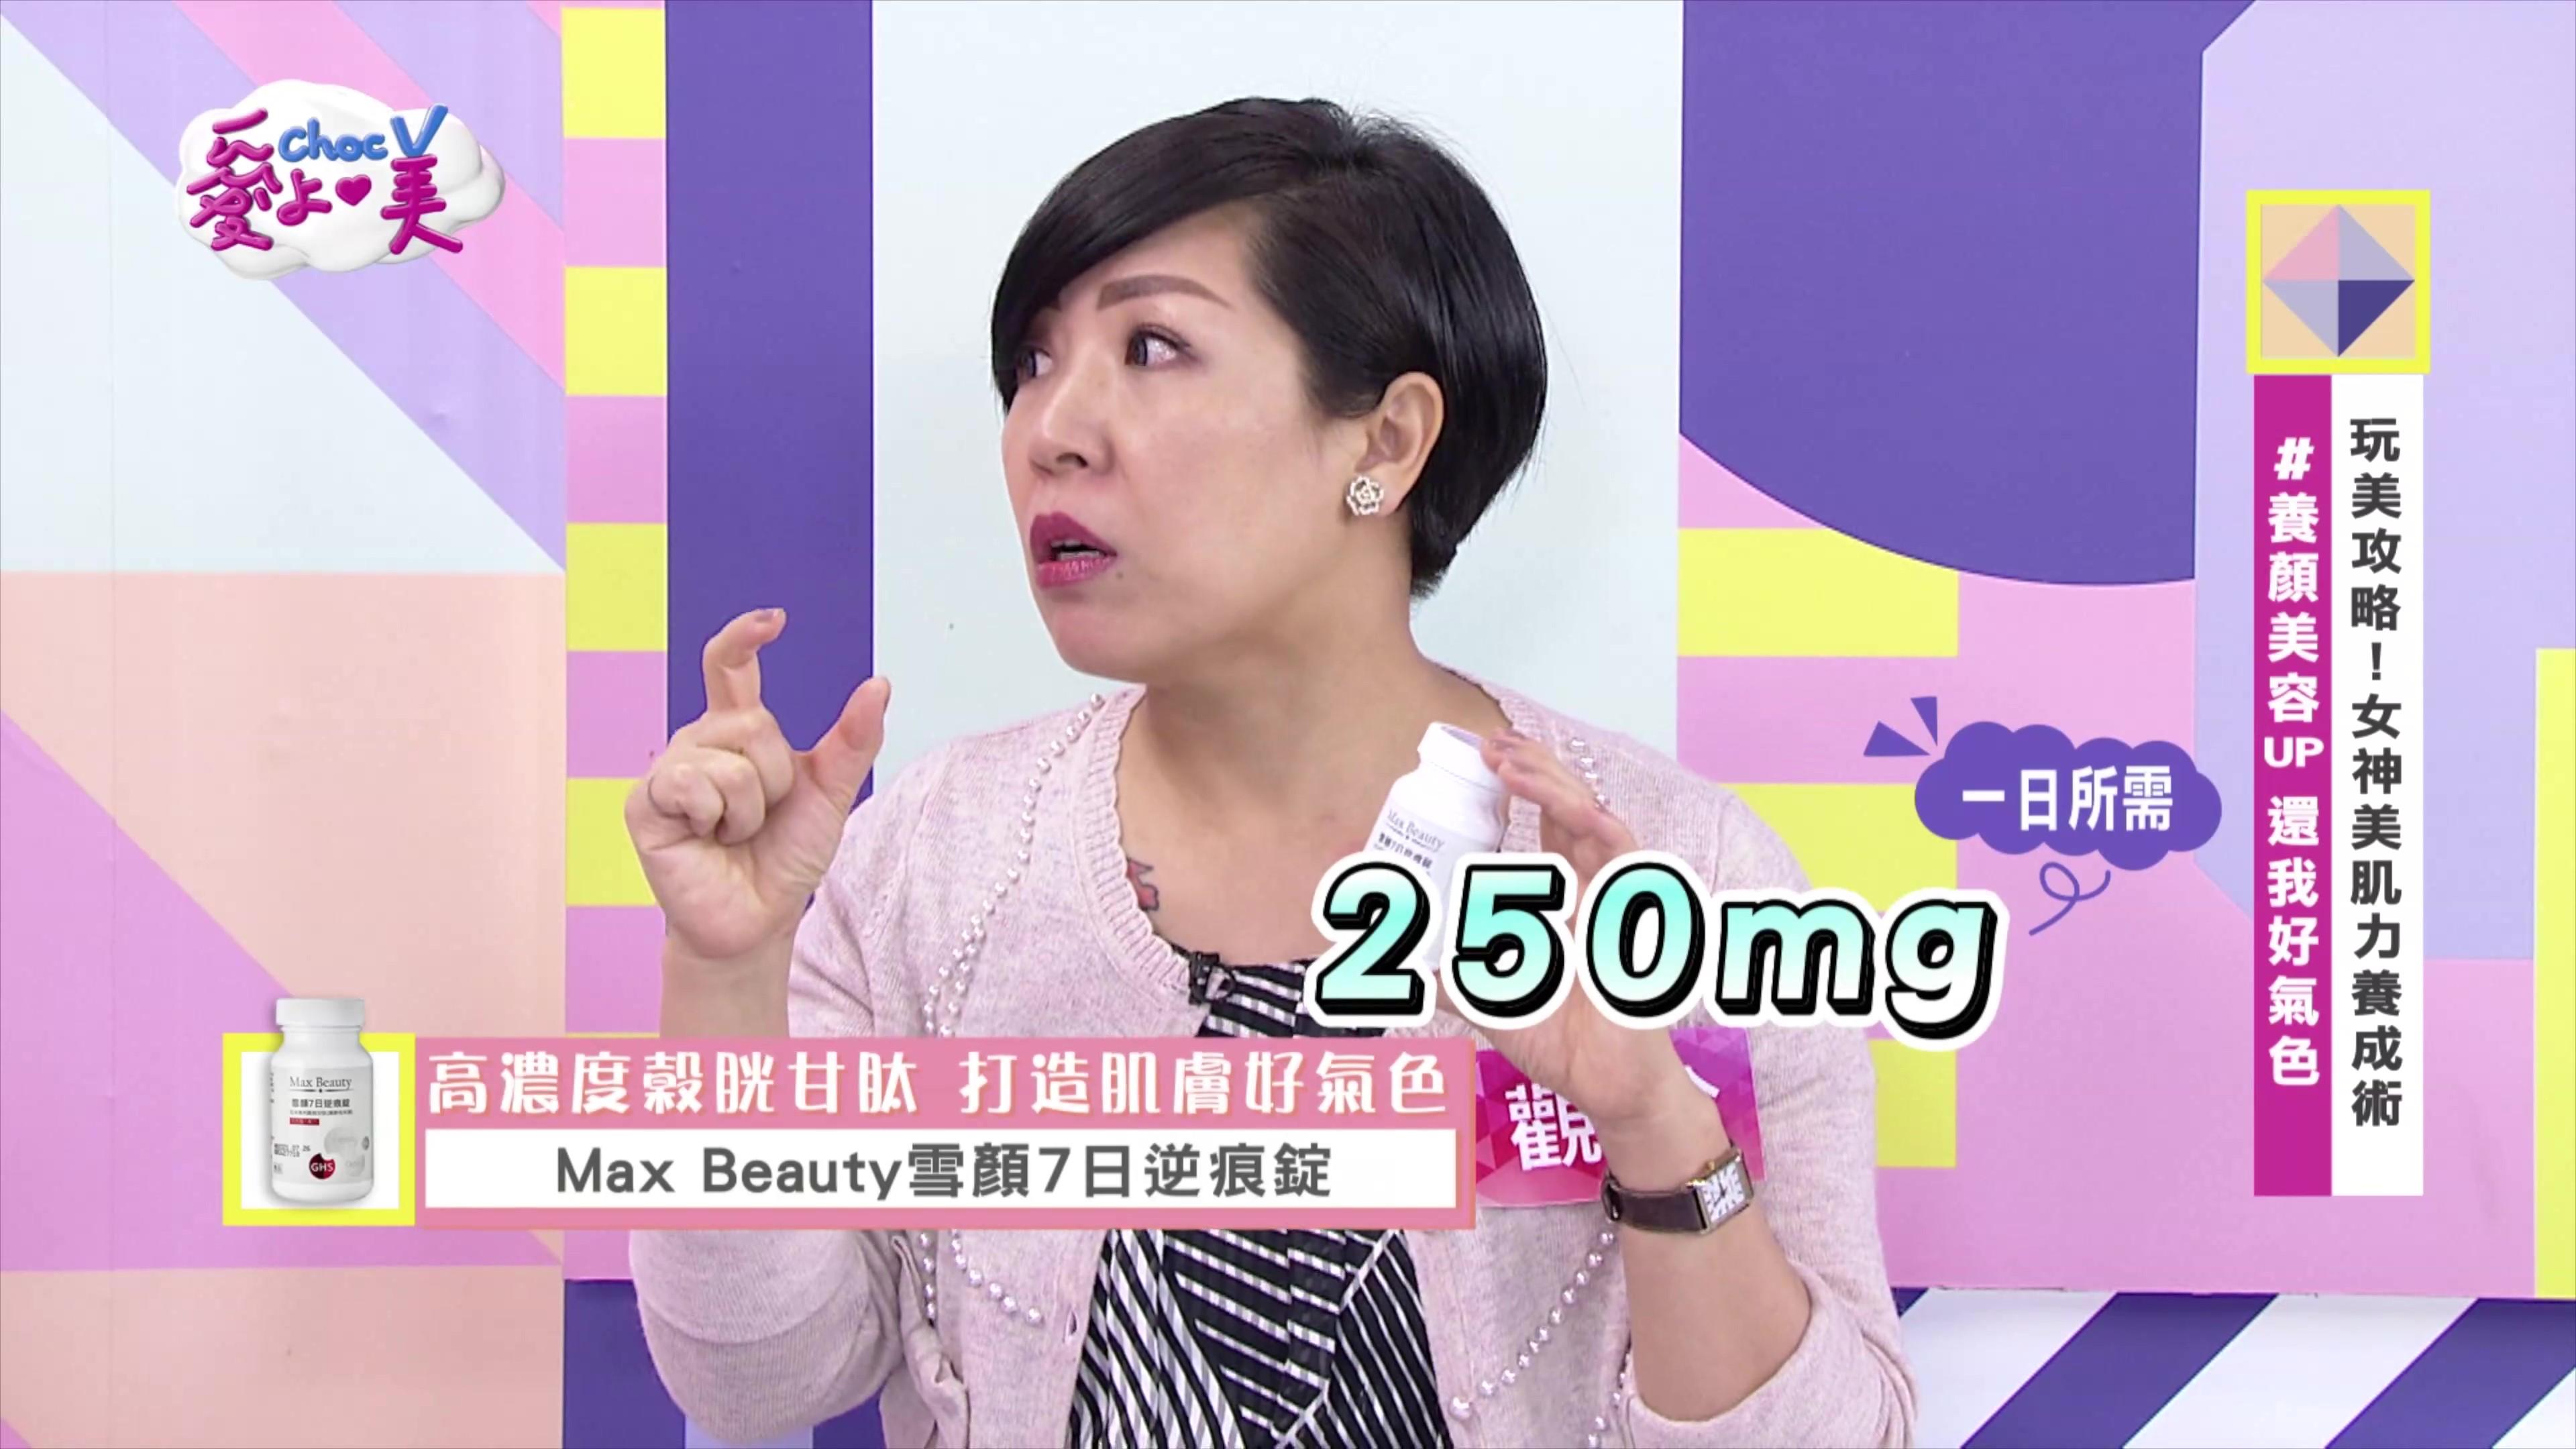 ChocV愛上美-美容教官「觀伶老師」推薦 MaxBeauty雪顏7日逆痕錠